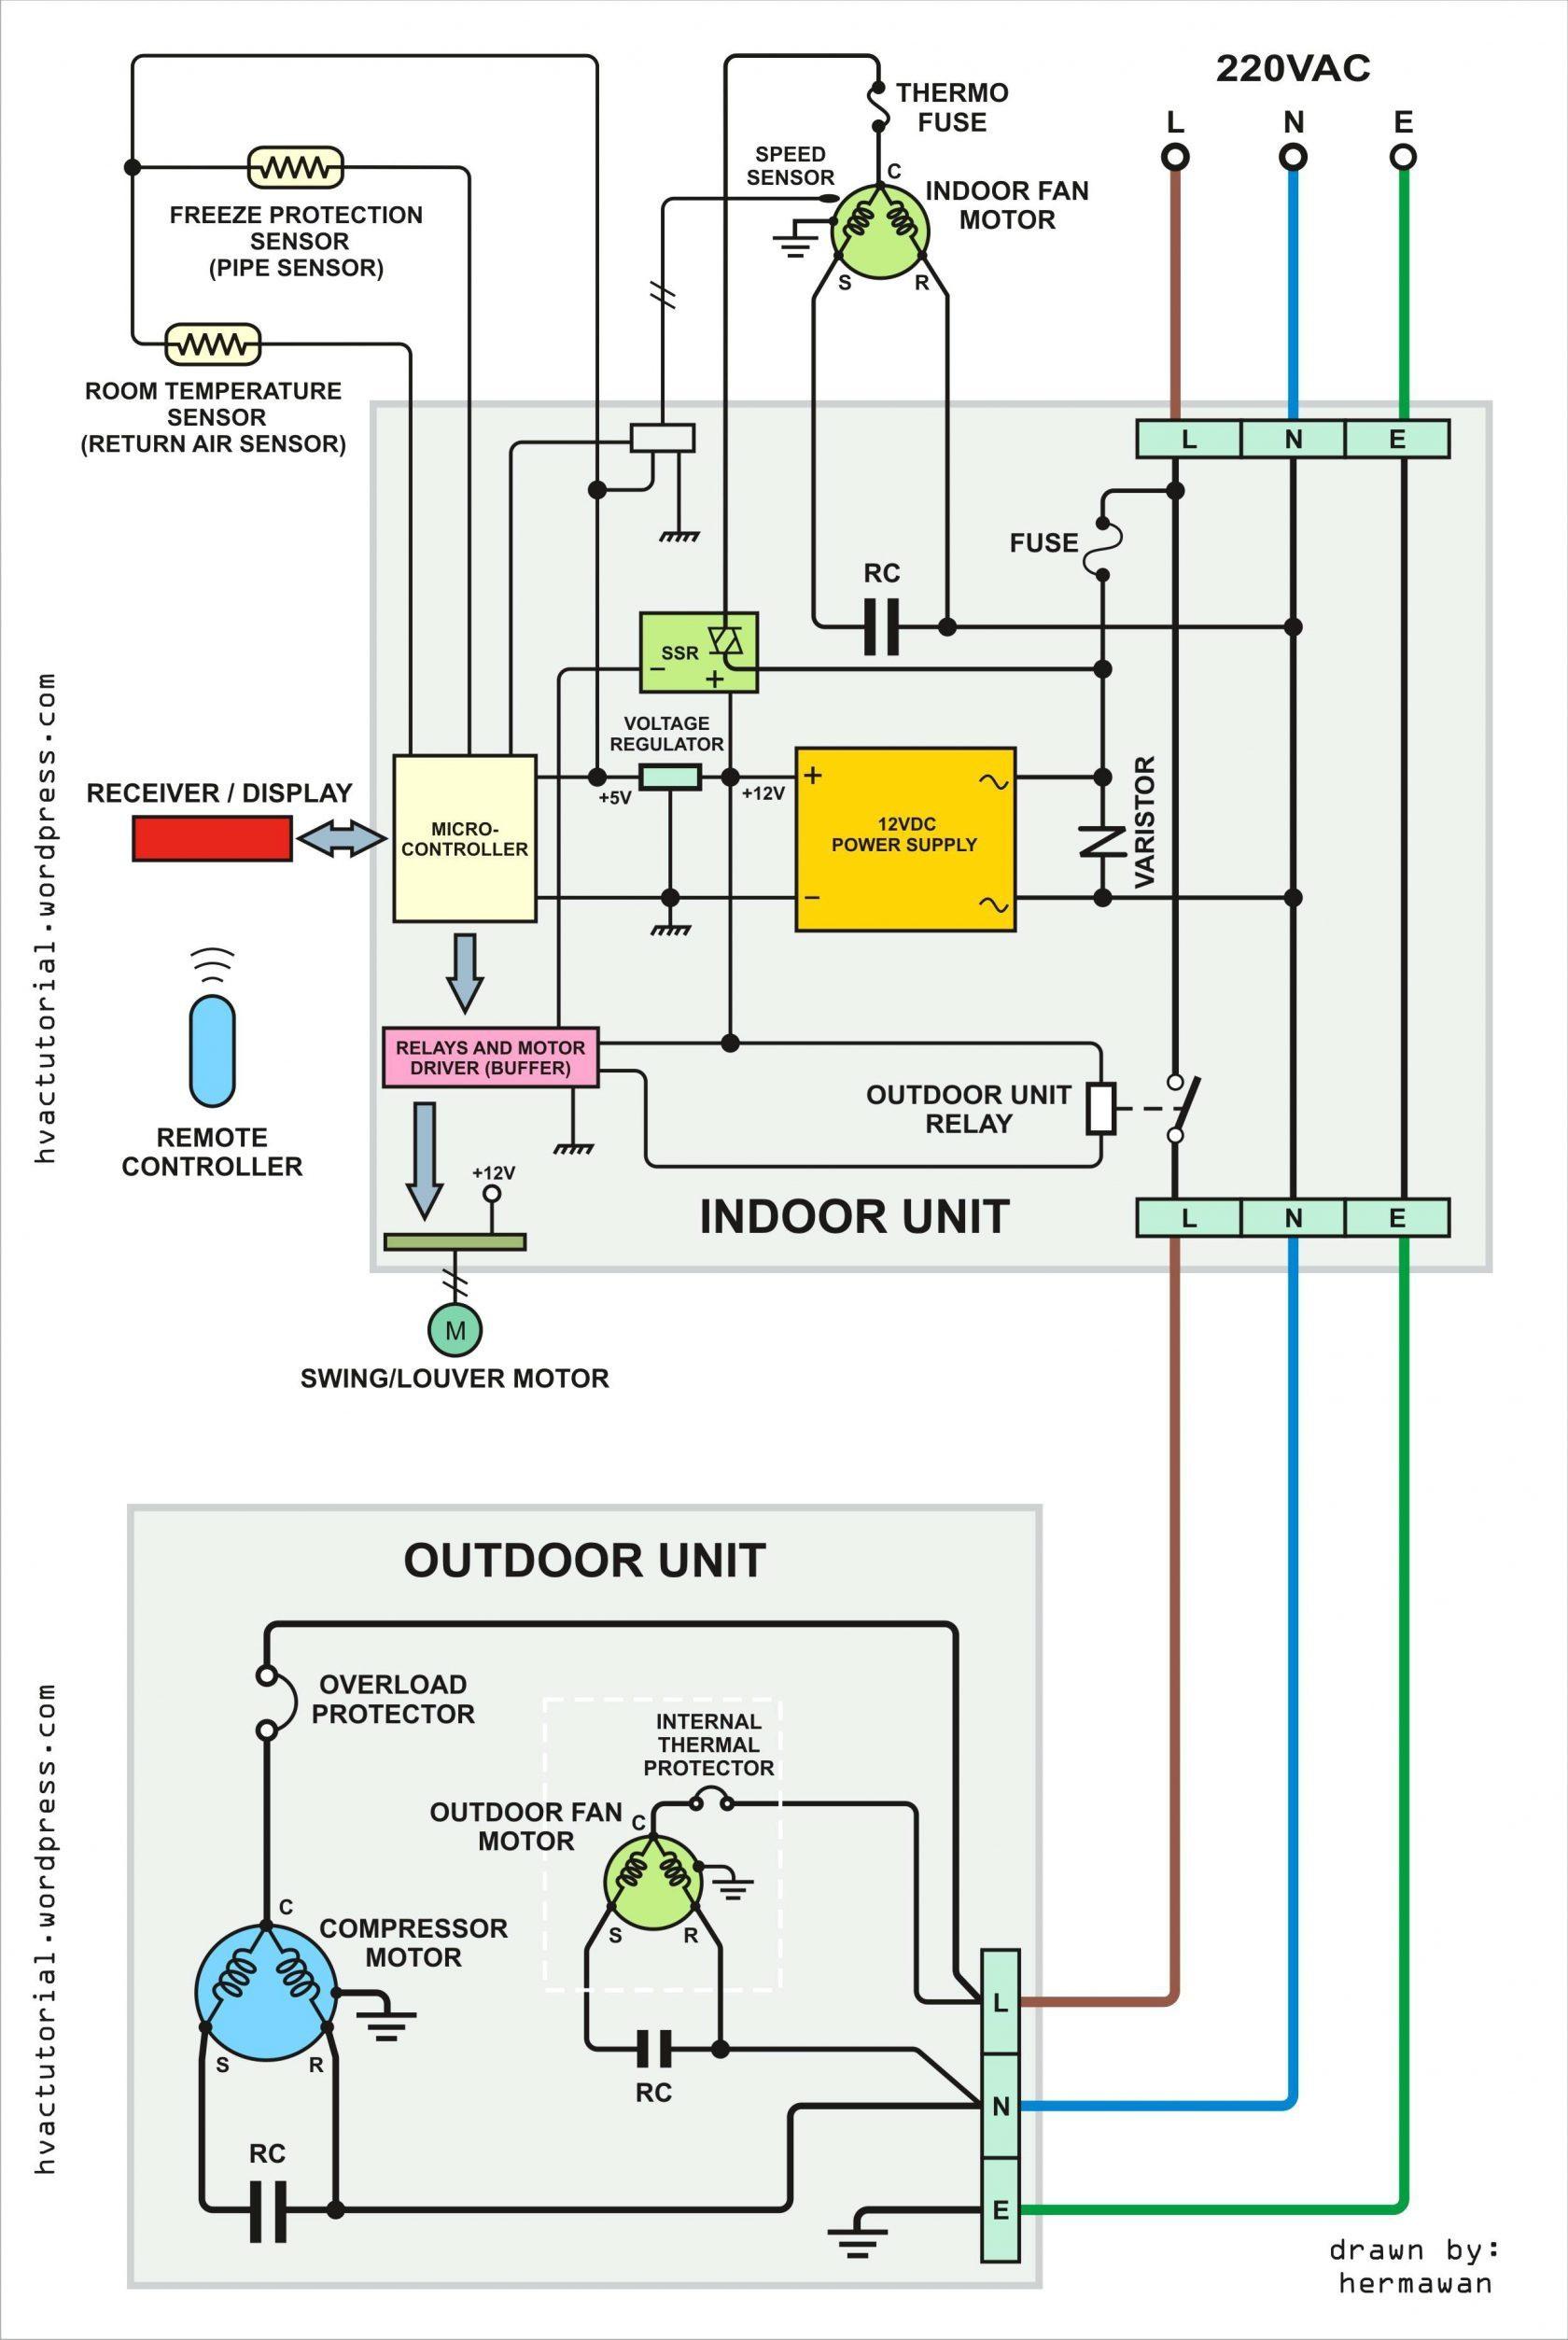 furnace motor wiring wiring library HVAC Wiring Schematic furnace blower motor wiring diagram download wiring diagram sample wiring